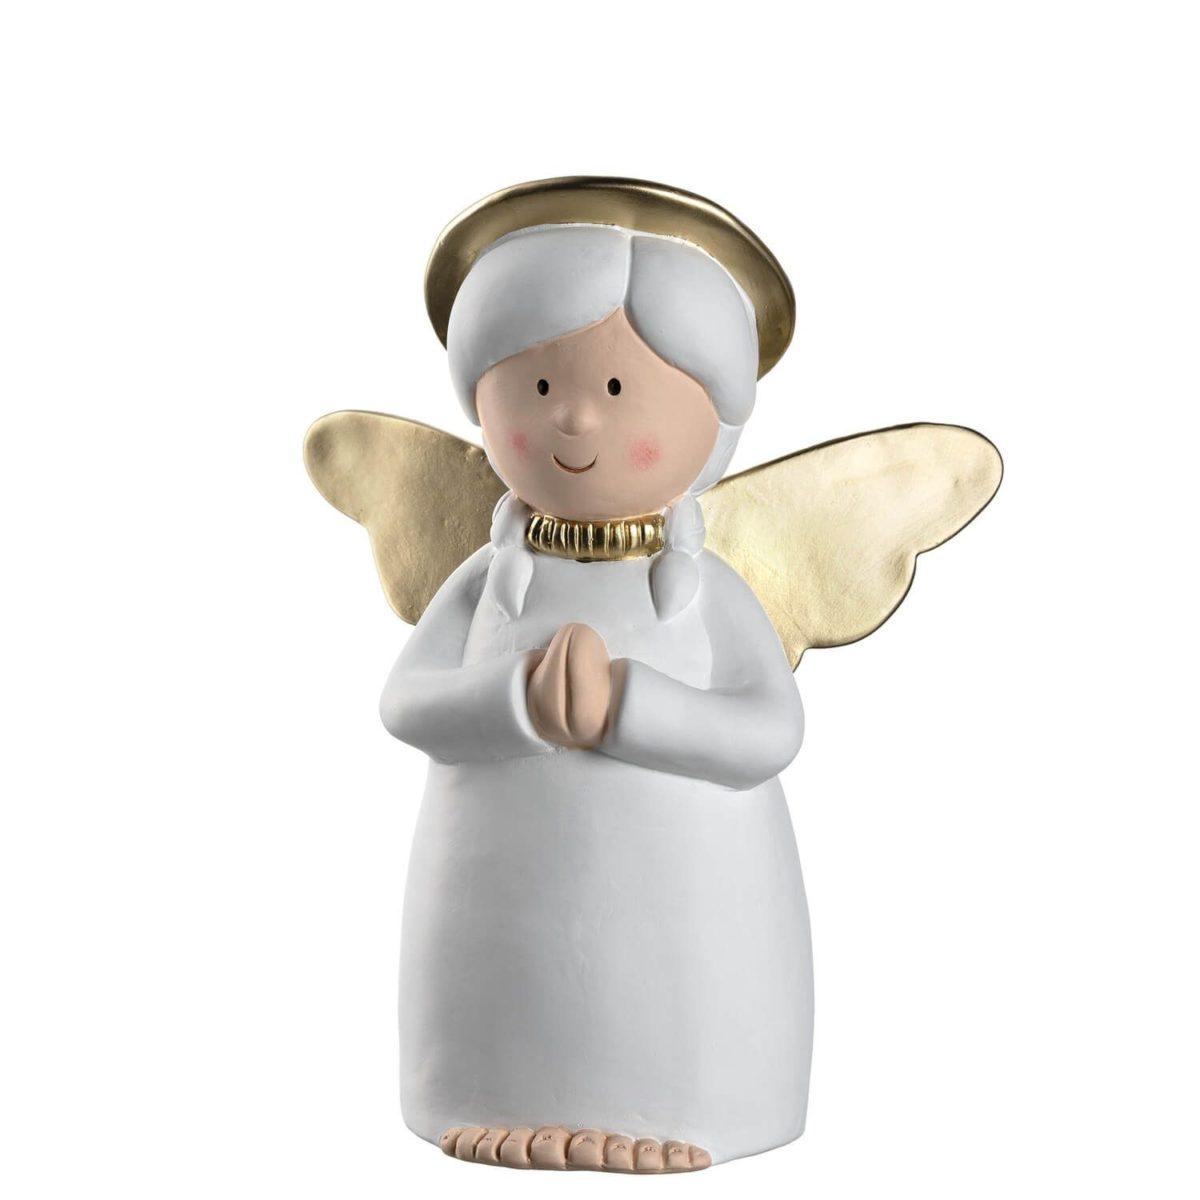 """070932 0 k 1200x1200 - Statuetă """"Marie"""" LEONARDO (L070932)"""